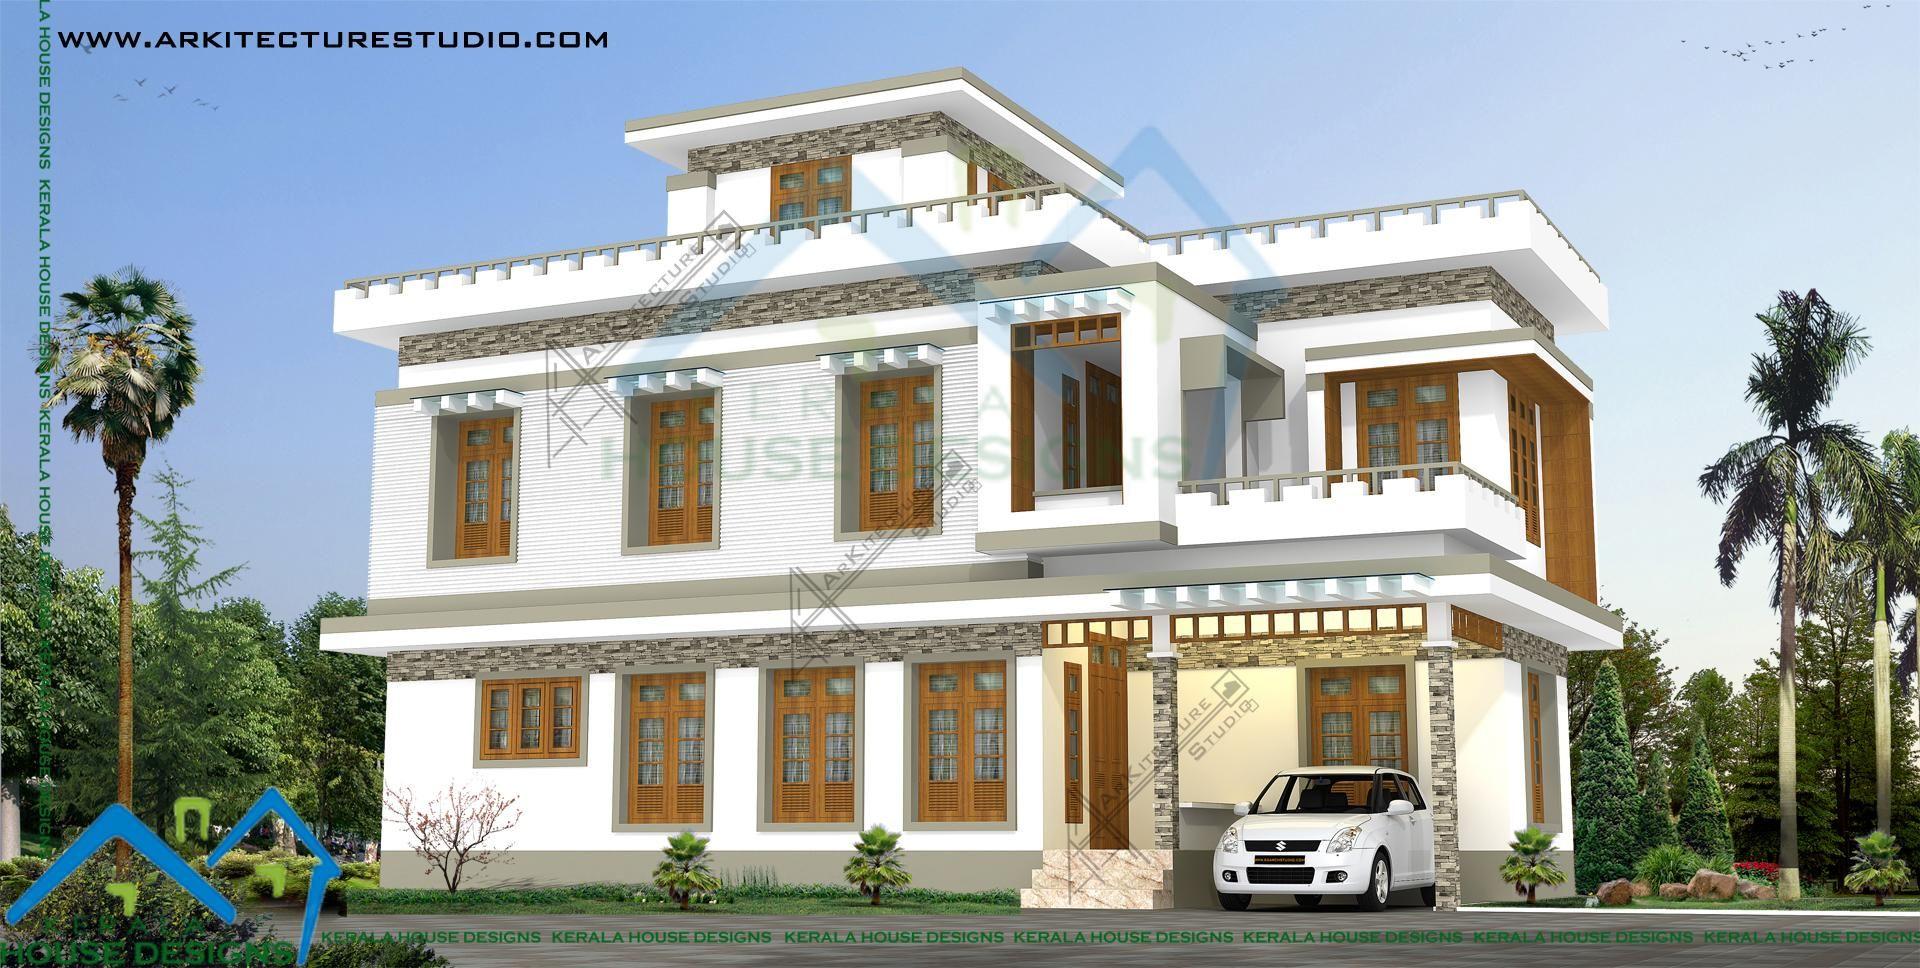 Villa 1 Khd Kerala House Design Kerala Houses House Design